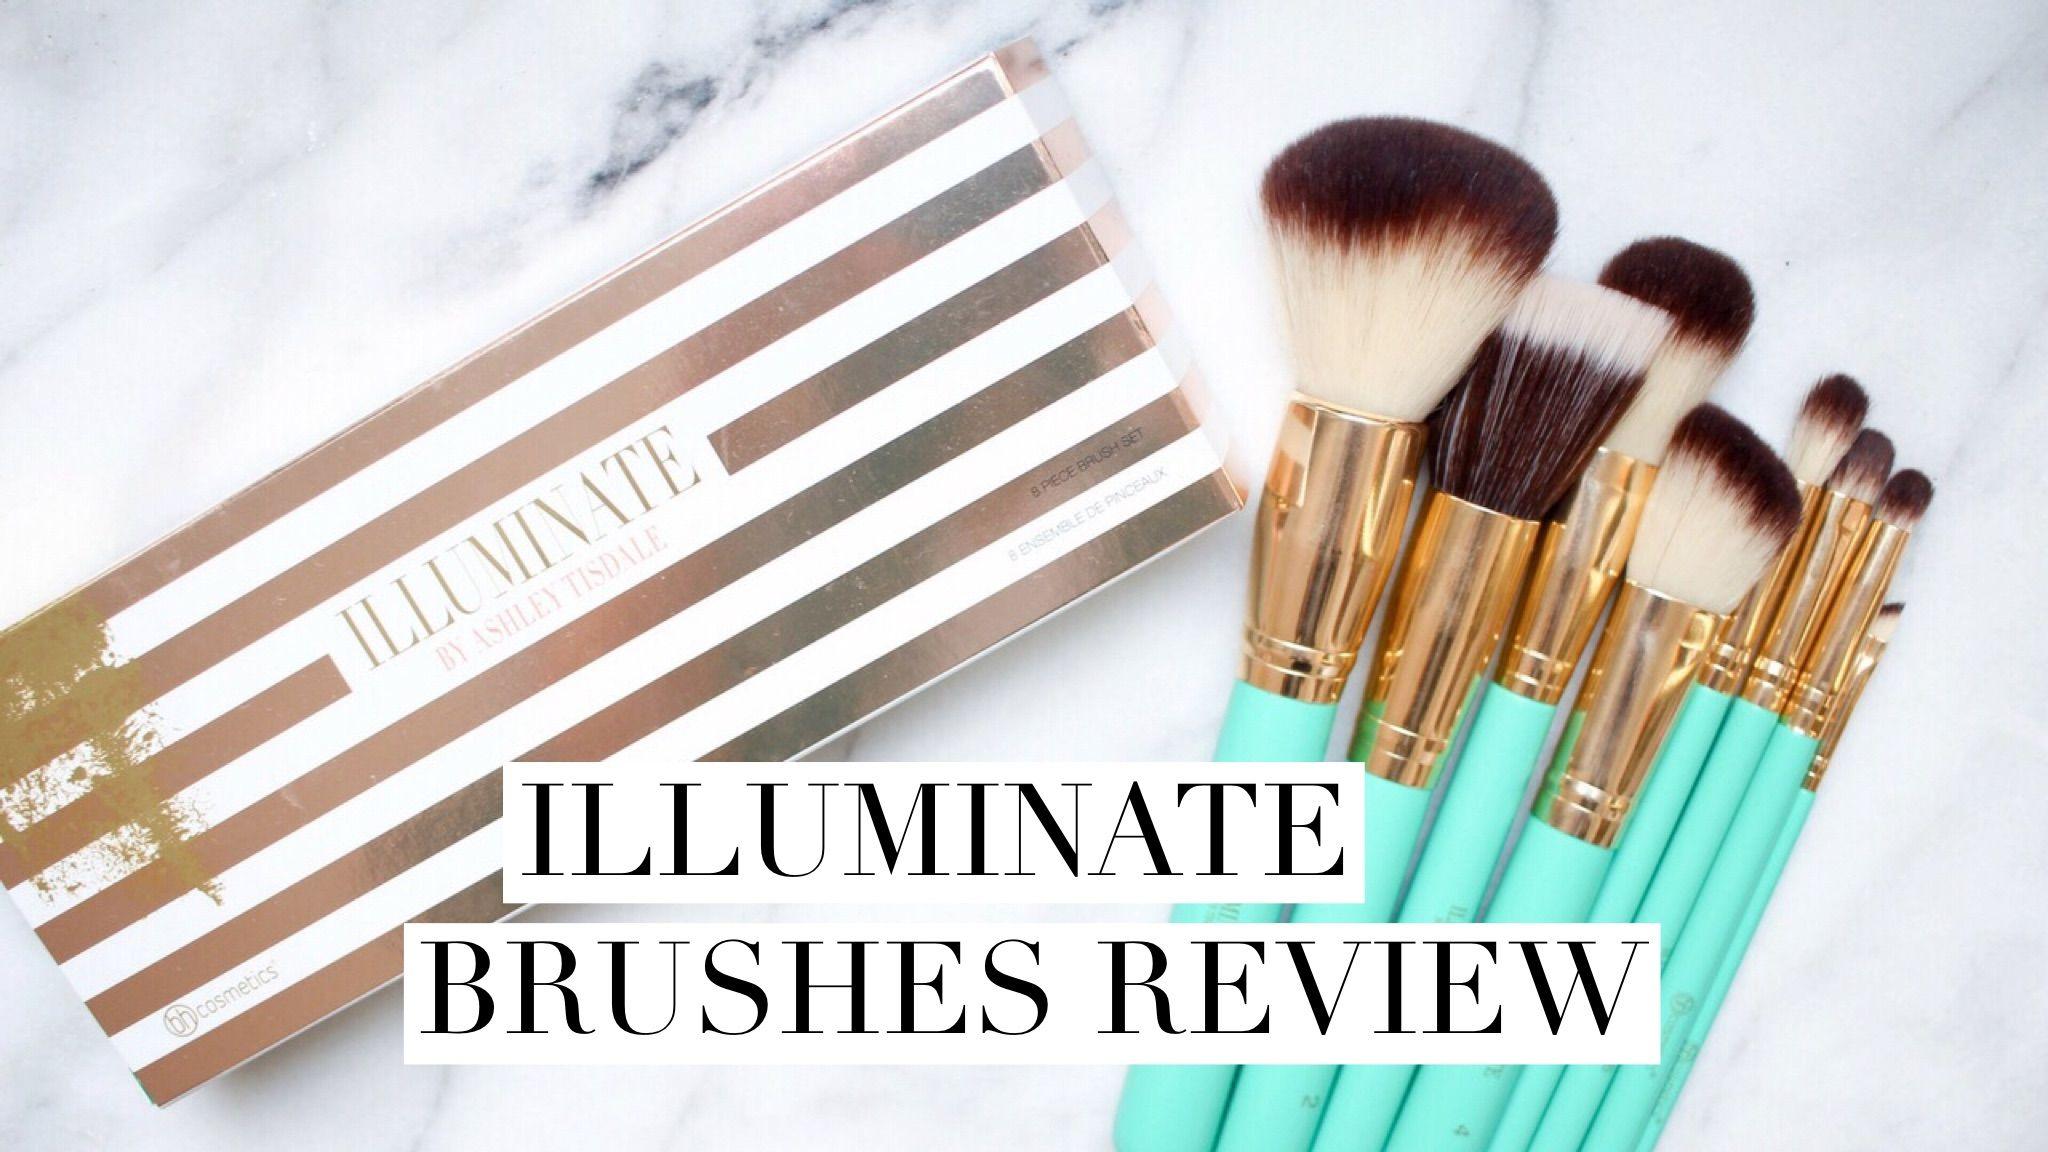 Illuminate Brushes Review Easy makeup tutorial, Diy